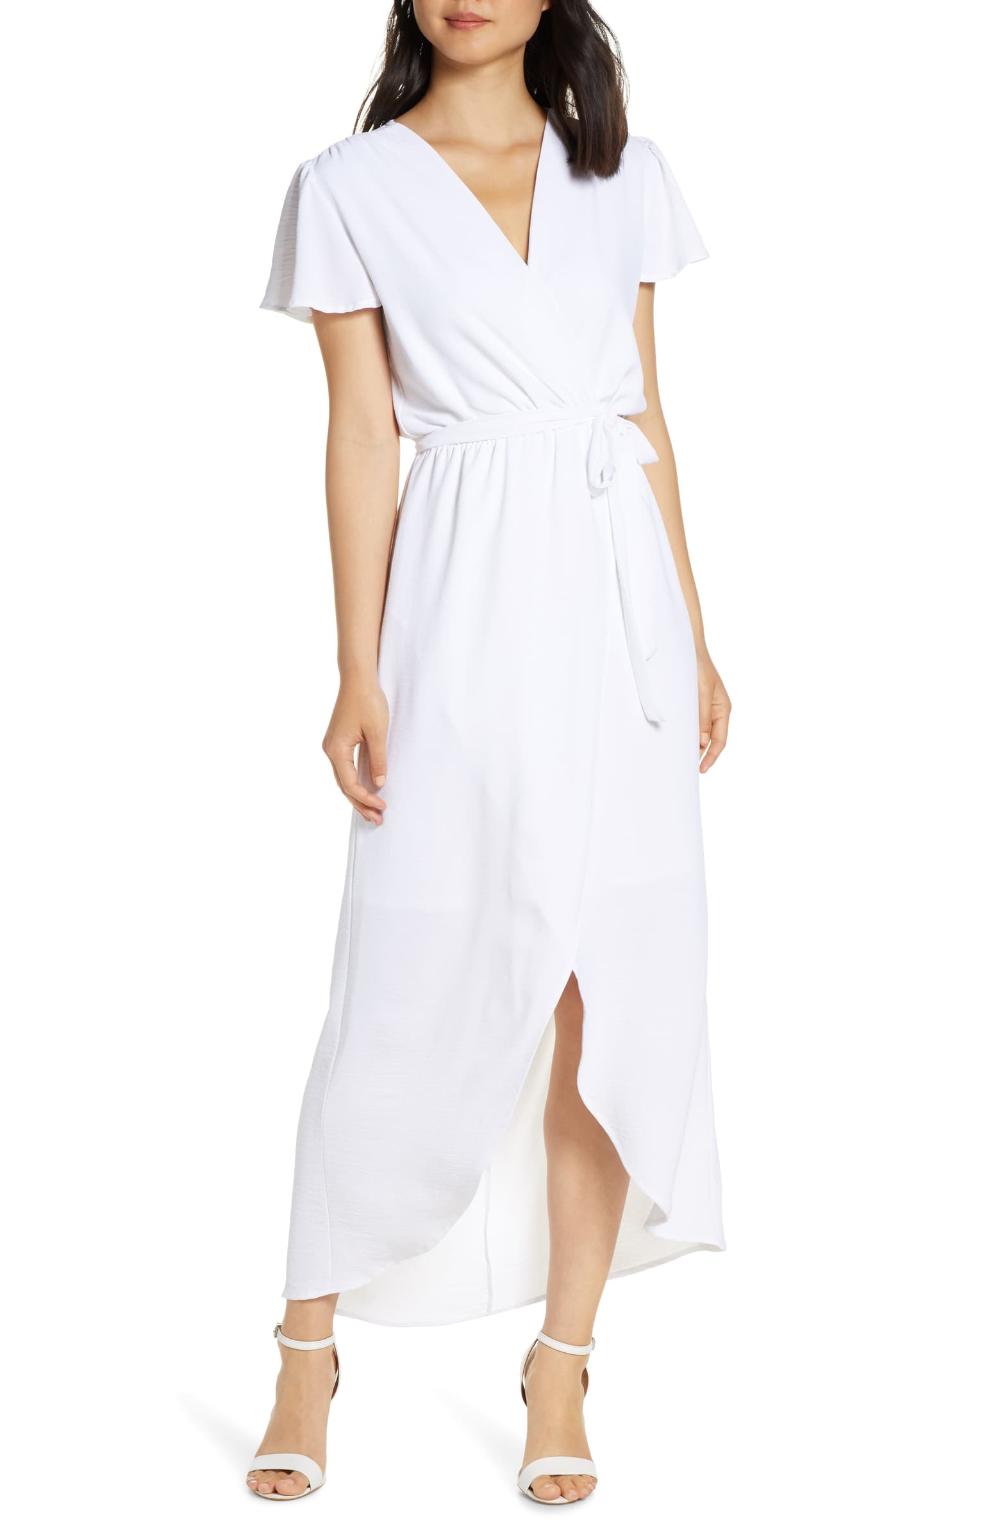 Fraiche By J High Low Faux Wrap Dress Nordstrom Everyday Dresses Maxi Wrap Dress Wrap Dress [ 1533 x 1000 Pixel ]